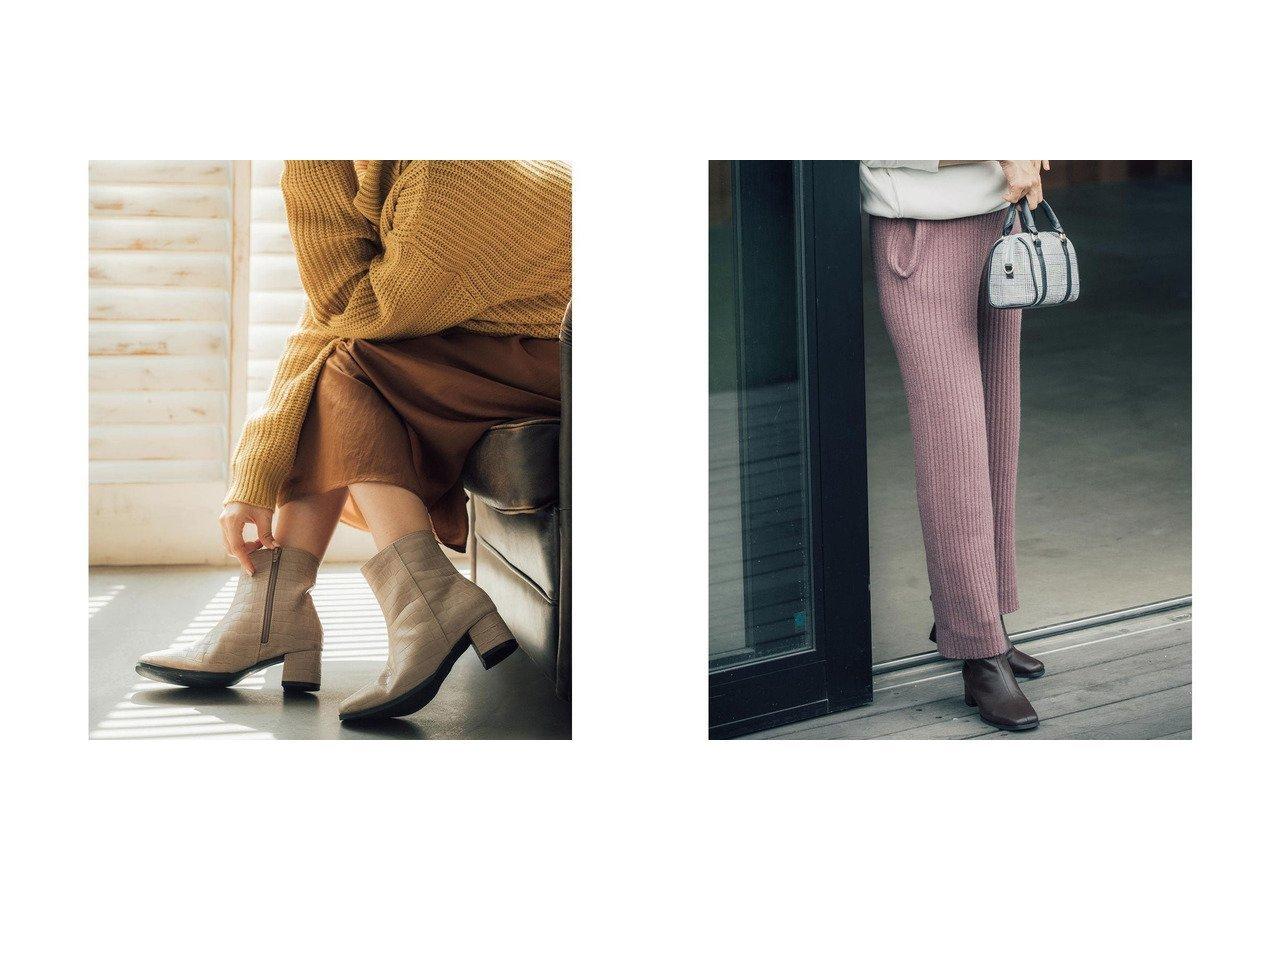 【KOBE LETTUCE/コウベレタス】の[近藤千尋]リブニットワイドパンツ [M2610]&【近藤千尋コラボ】スクエアトゥブーツ [I1938] おすすめ!人気、レディースファッションの通販  おすすめで人気のファッション通販商品 インテリア・家具・キッズファッション・メンズファッション・レディースファッション・服の通販 founy(ファニー) https://founy.com/ ファッションモデル・俳優・女優 Models 女性 Women 近藤千尋 Kondo Chihiro ファッション Fashion レディース WOMEN パンツ Pants 秋 クッション クロコ コラボ サイドジップ シューズ ショート シンプル トレンド ブーティ ミドル 冬 Winter 秋冬 A/W Autumn/ Winter |ID:crp329100000003600